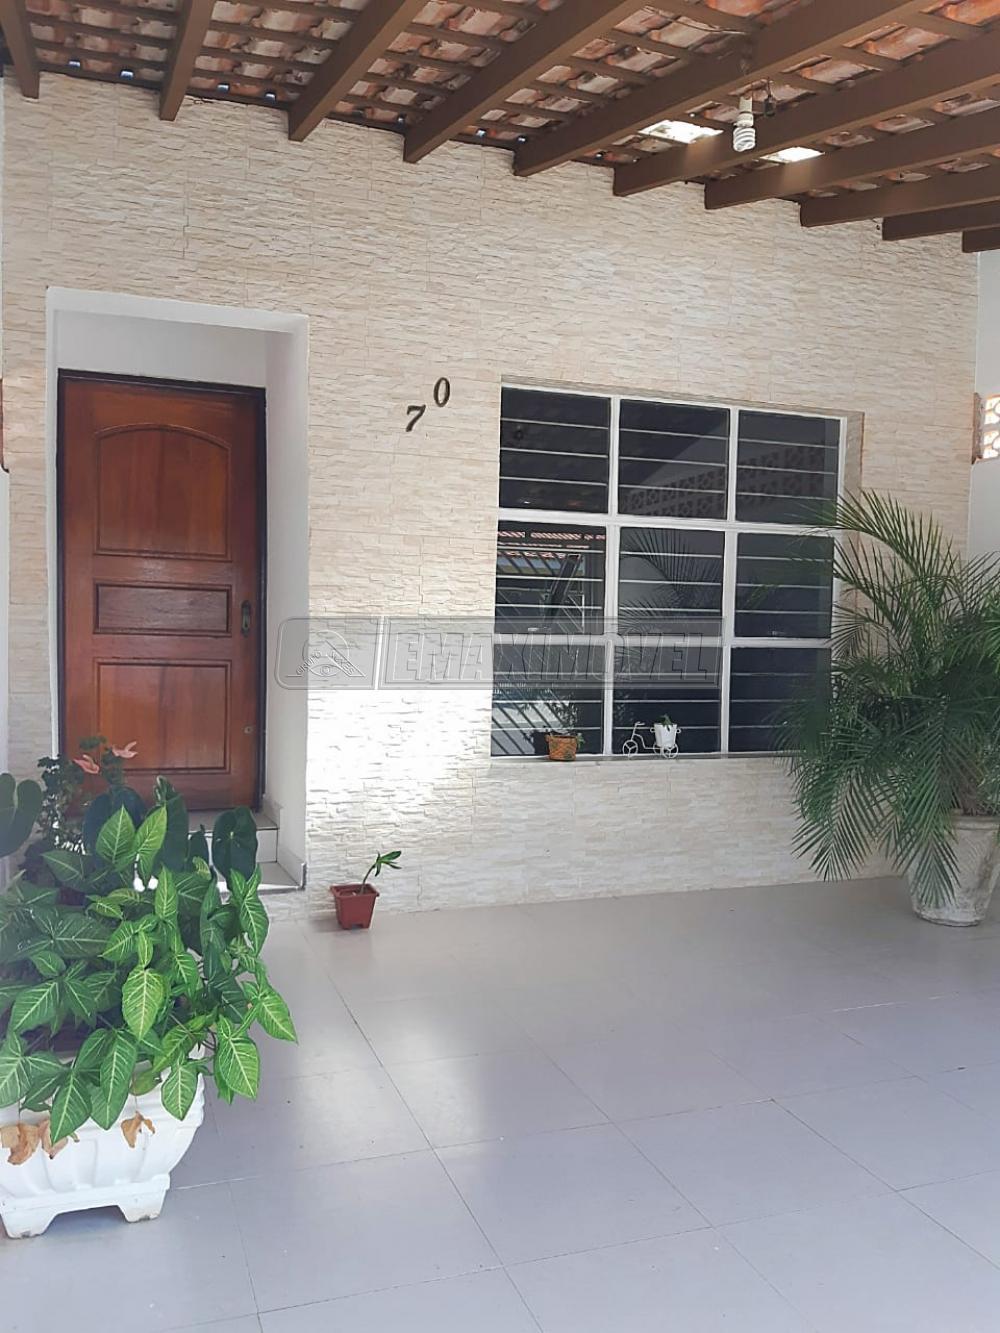 Comprar Casas / em Bairros em Sorocaba apenas R$ 240.000,00 - Foto 2